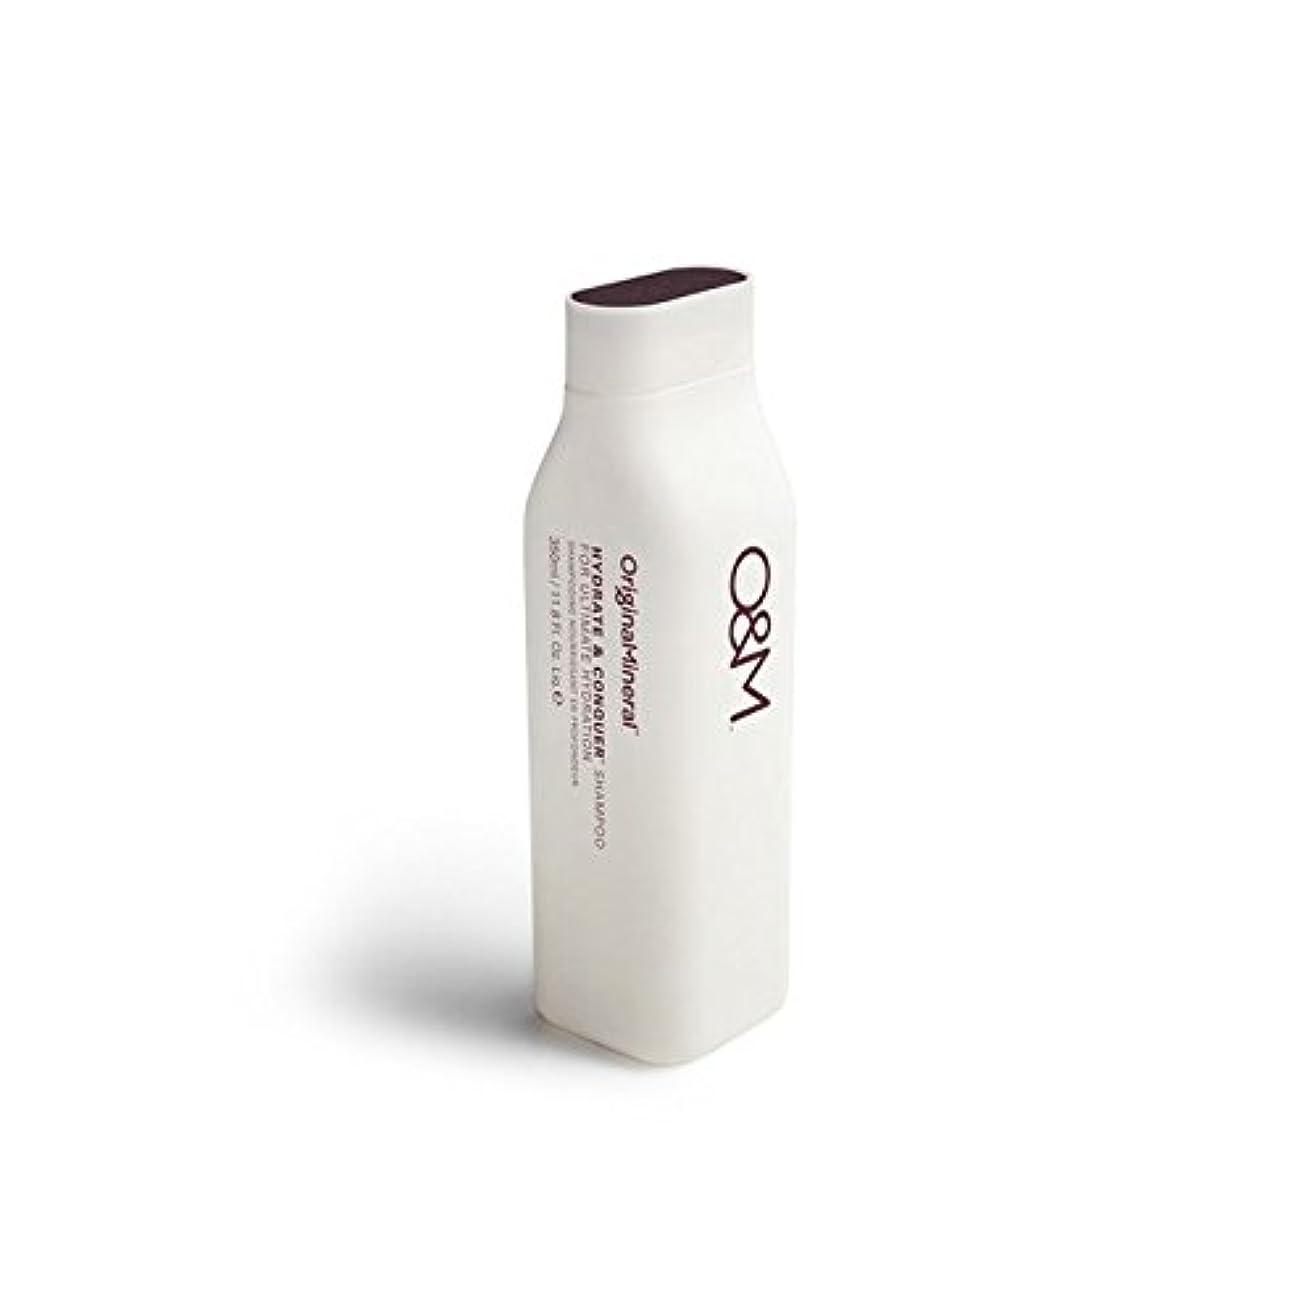 分岐する見習い見つけたOriginal & Mineral Hydrate And Conquer Shampoo (350ml) - オリジナル&ミネラル水和物及びシャンプー(350ミリリットル)を征服 [並行輸入品]